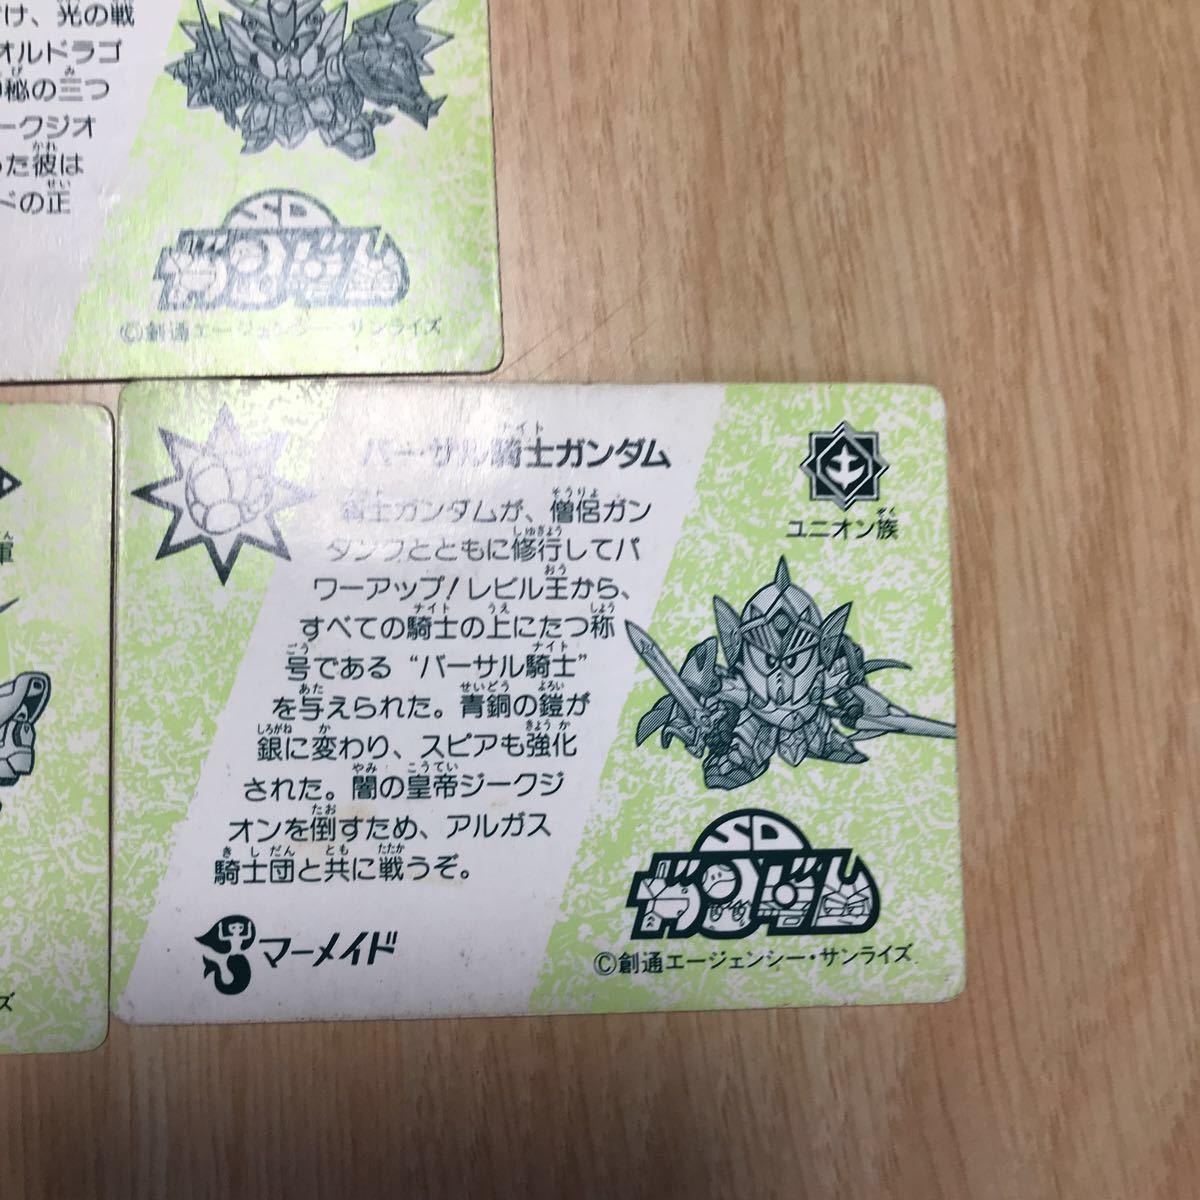 送料無料 マーメイド SDガンダム 騎士スペリオルドラゴン バーサル騎士ガンダム ガンダムF91 カード cs005